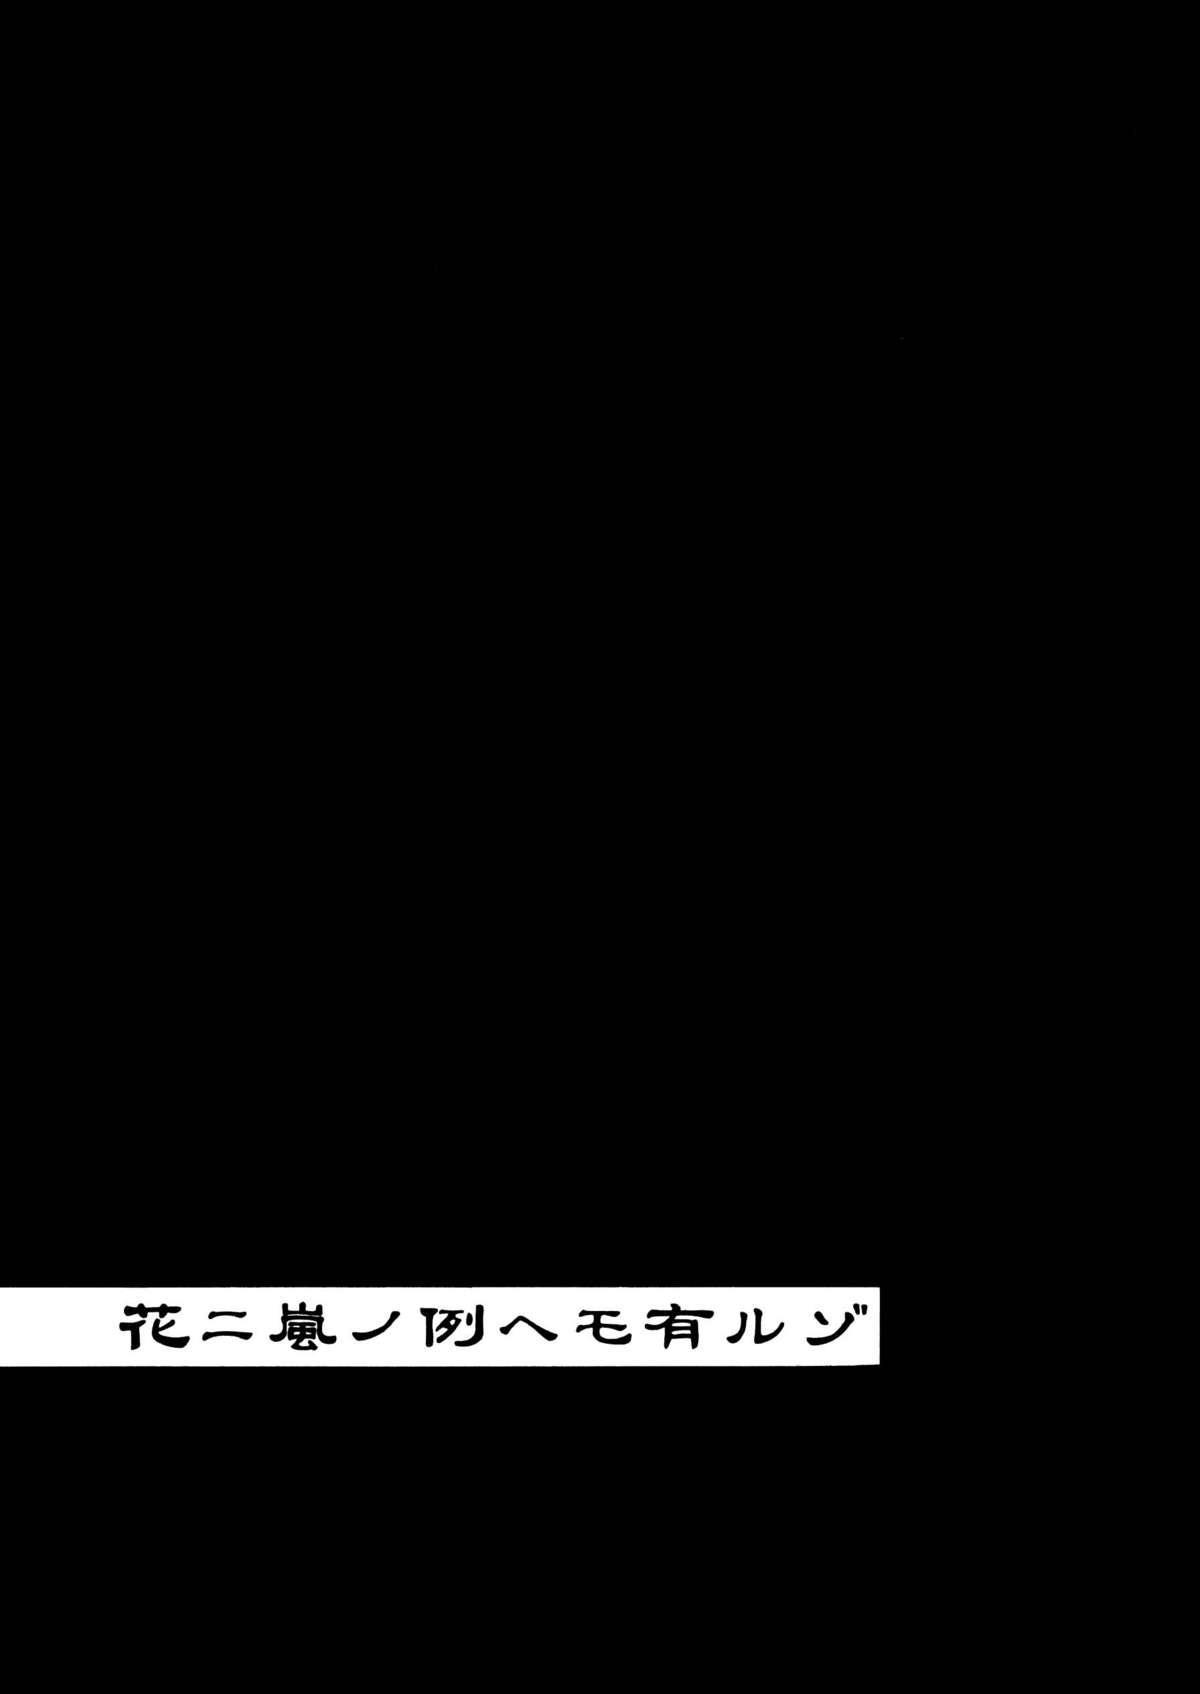 Hana ni Arashi no Tatoe mo Aruzo 37